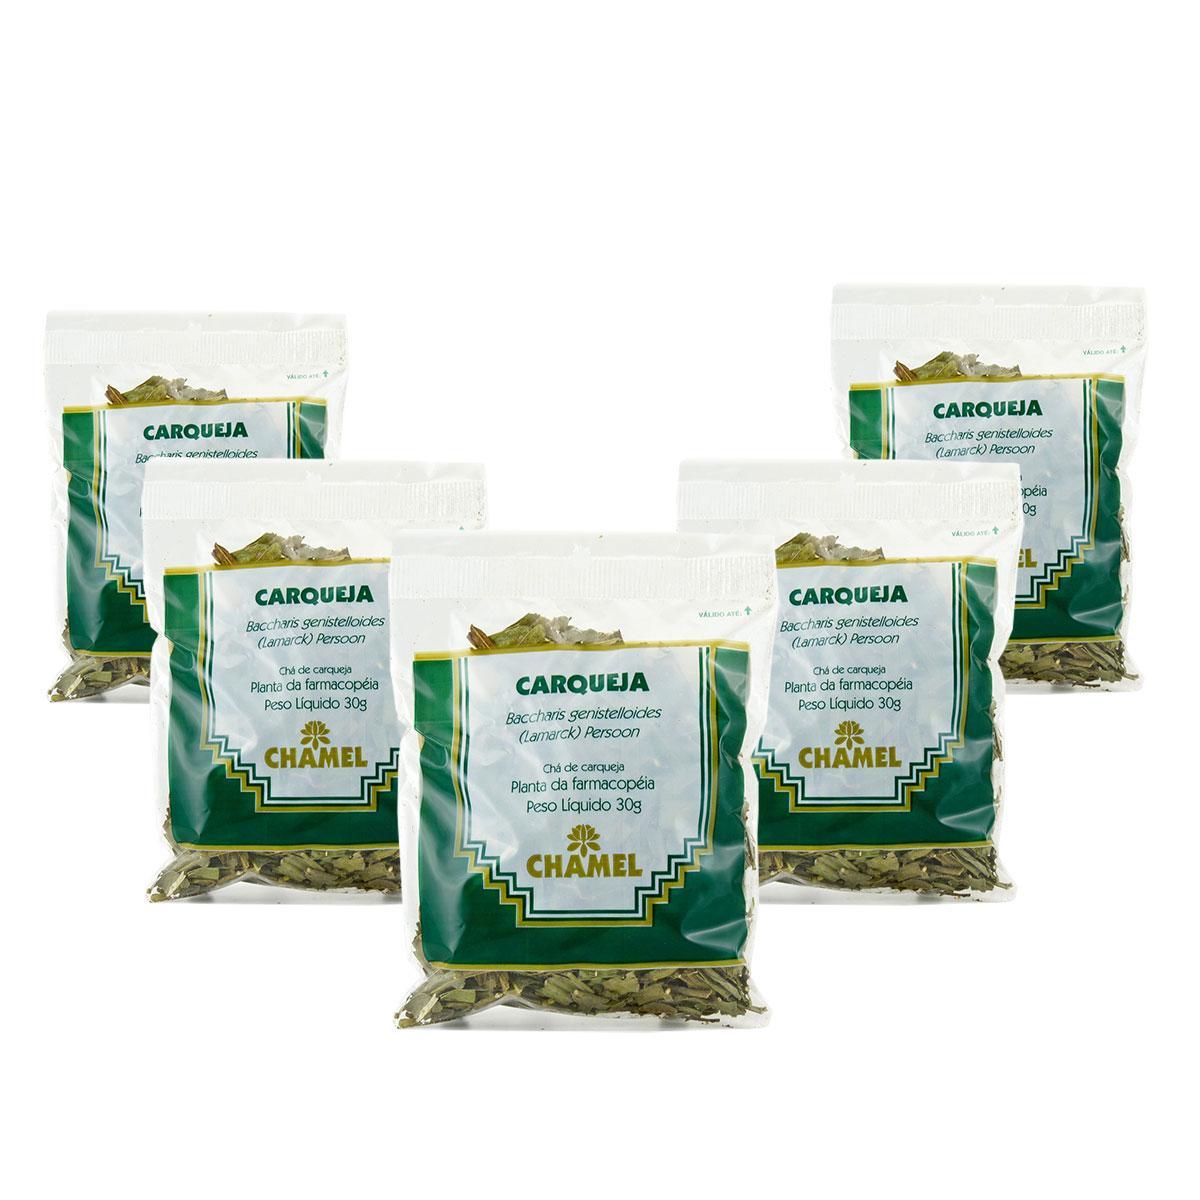 Carqueja 30g Chamel com 5 Unidades - Chá-Folhas